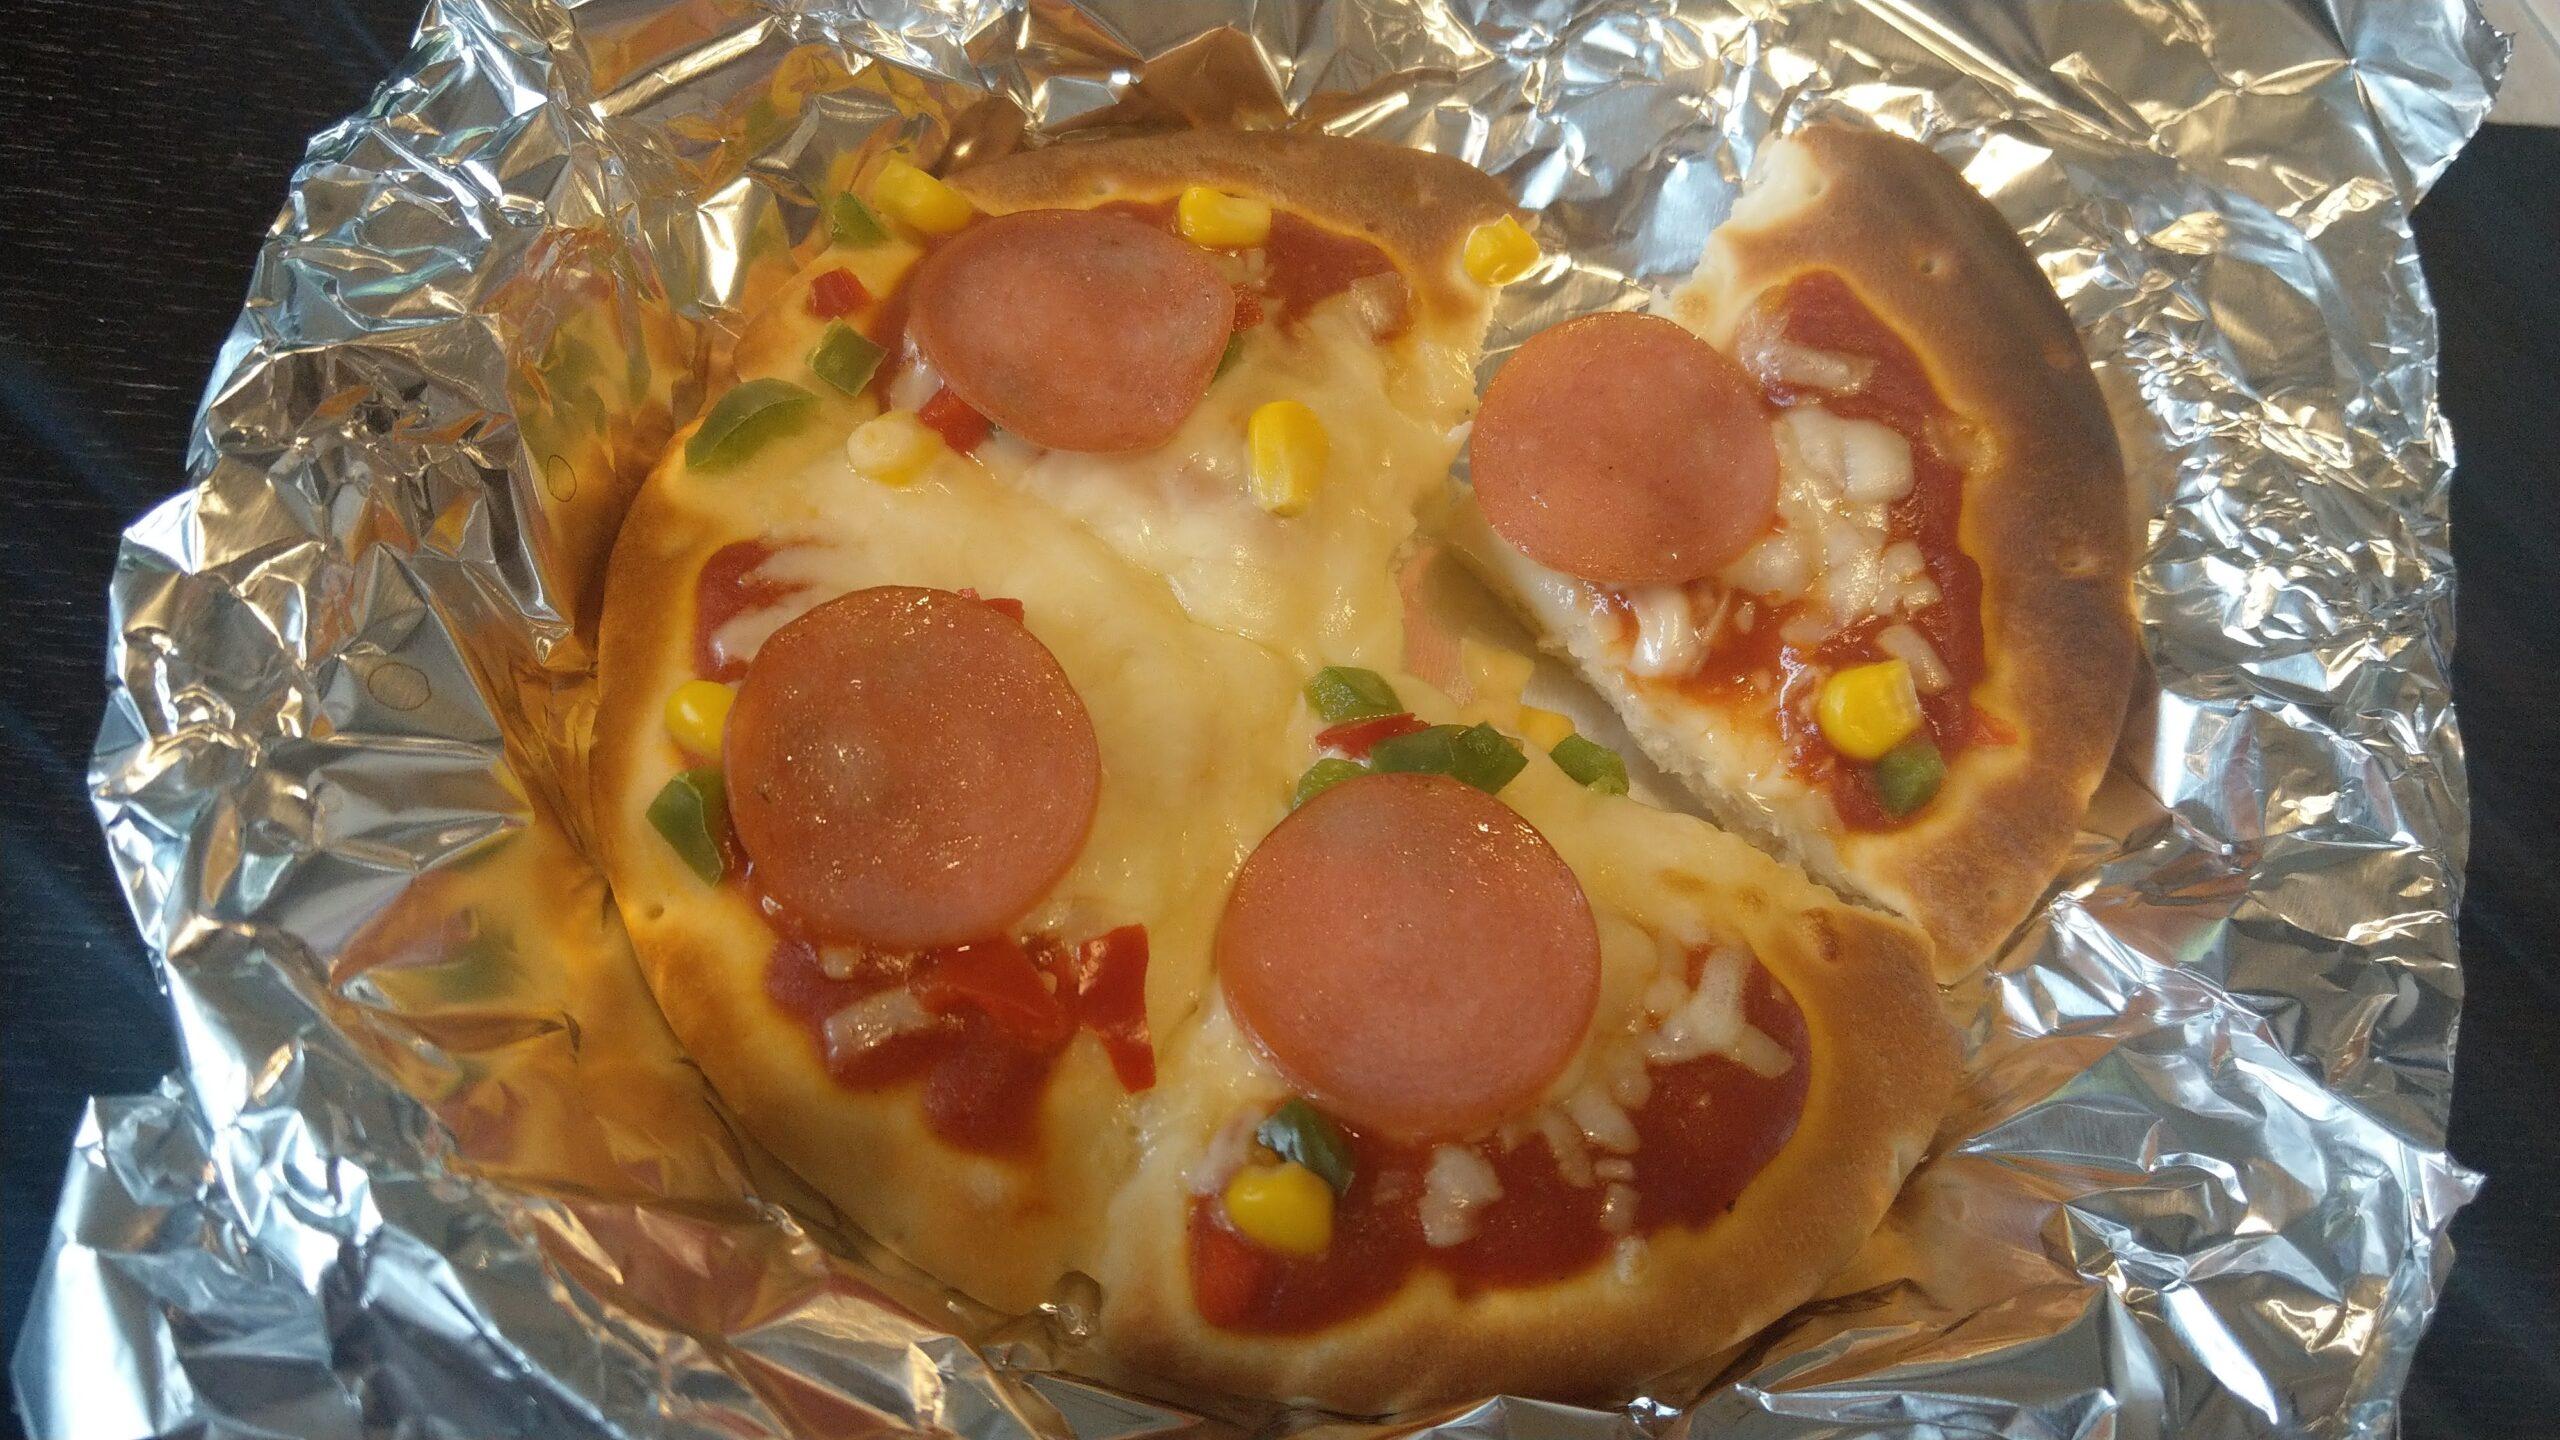 マルハニチロの冷凍ピザをオーブントースターで温めると1スライス綺麗に切れる